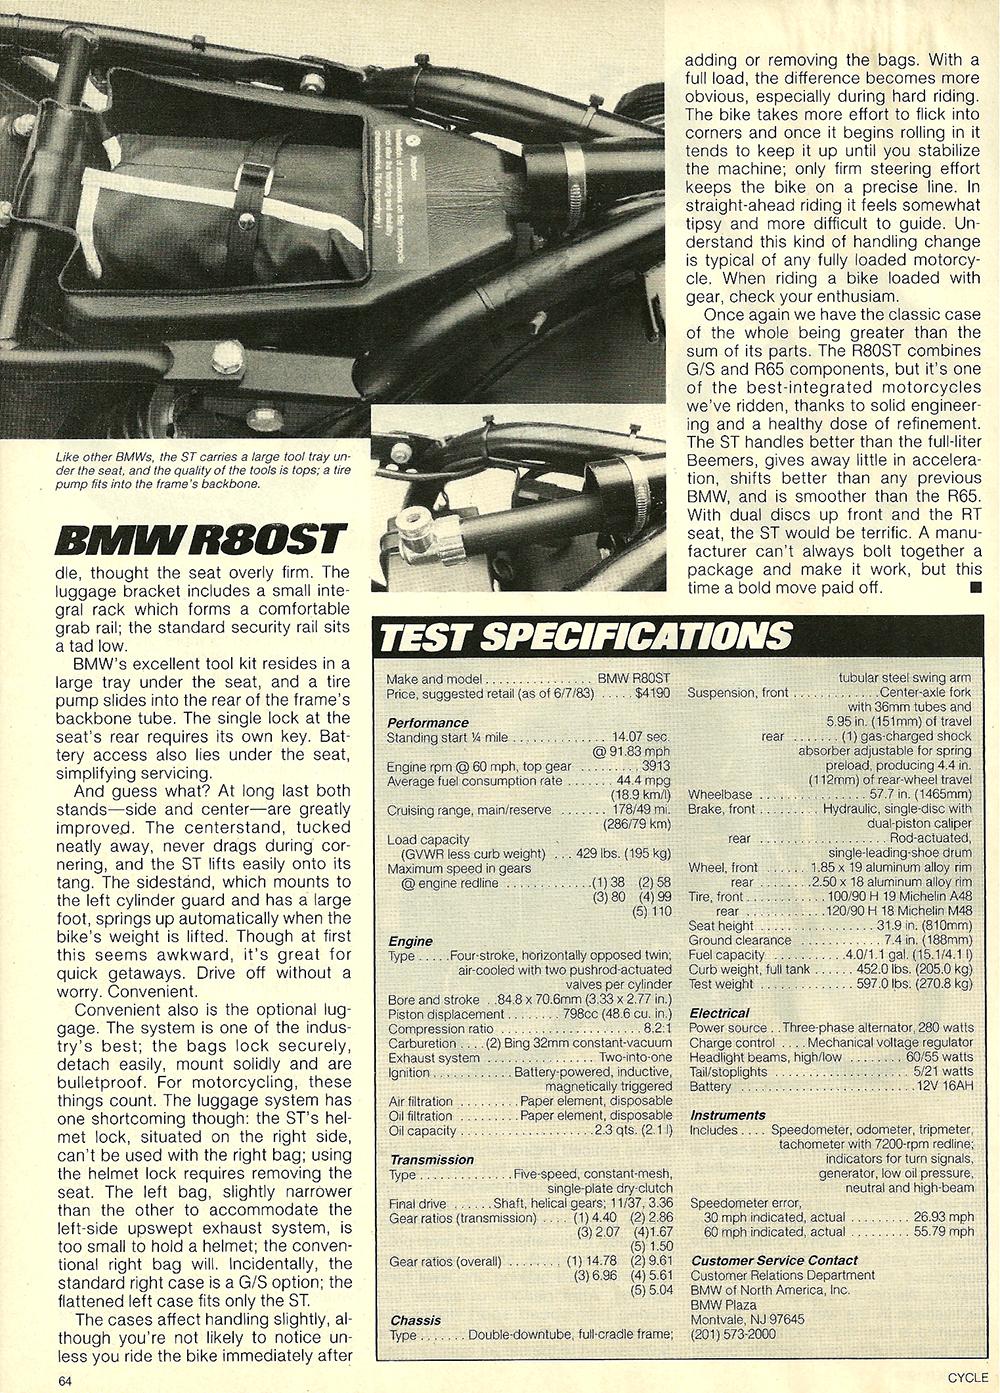 1983 BMW R80ST road test 6.jpg